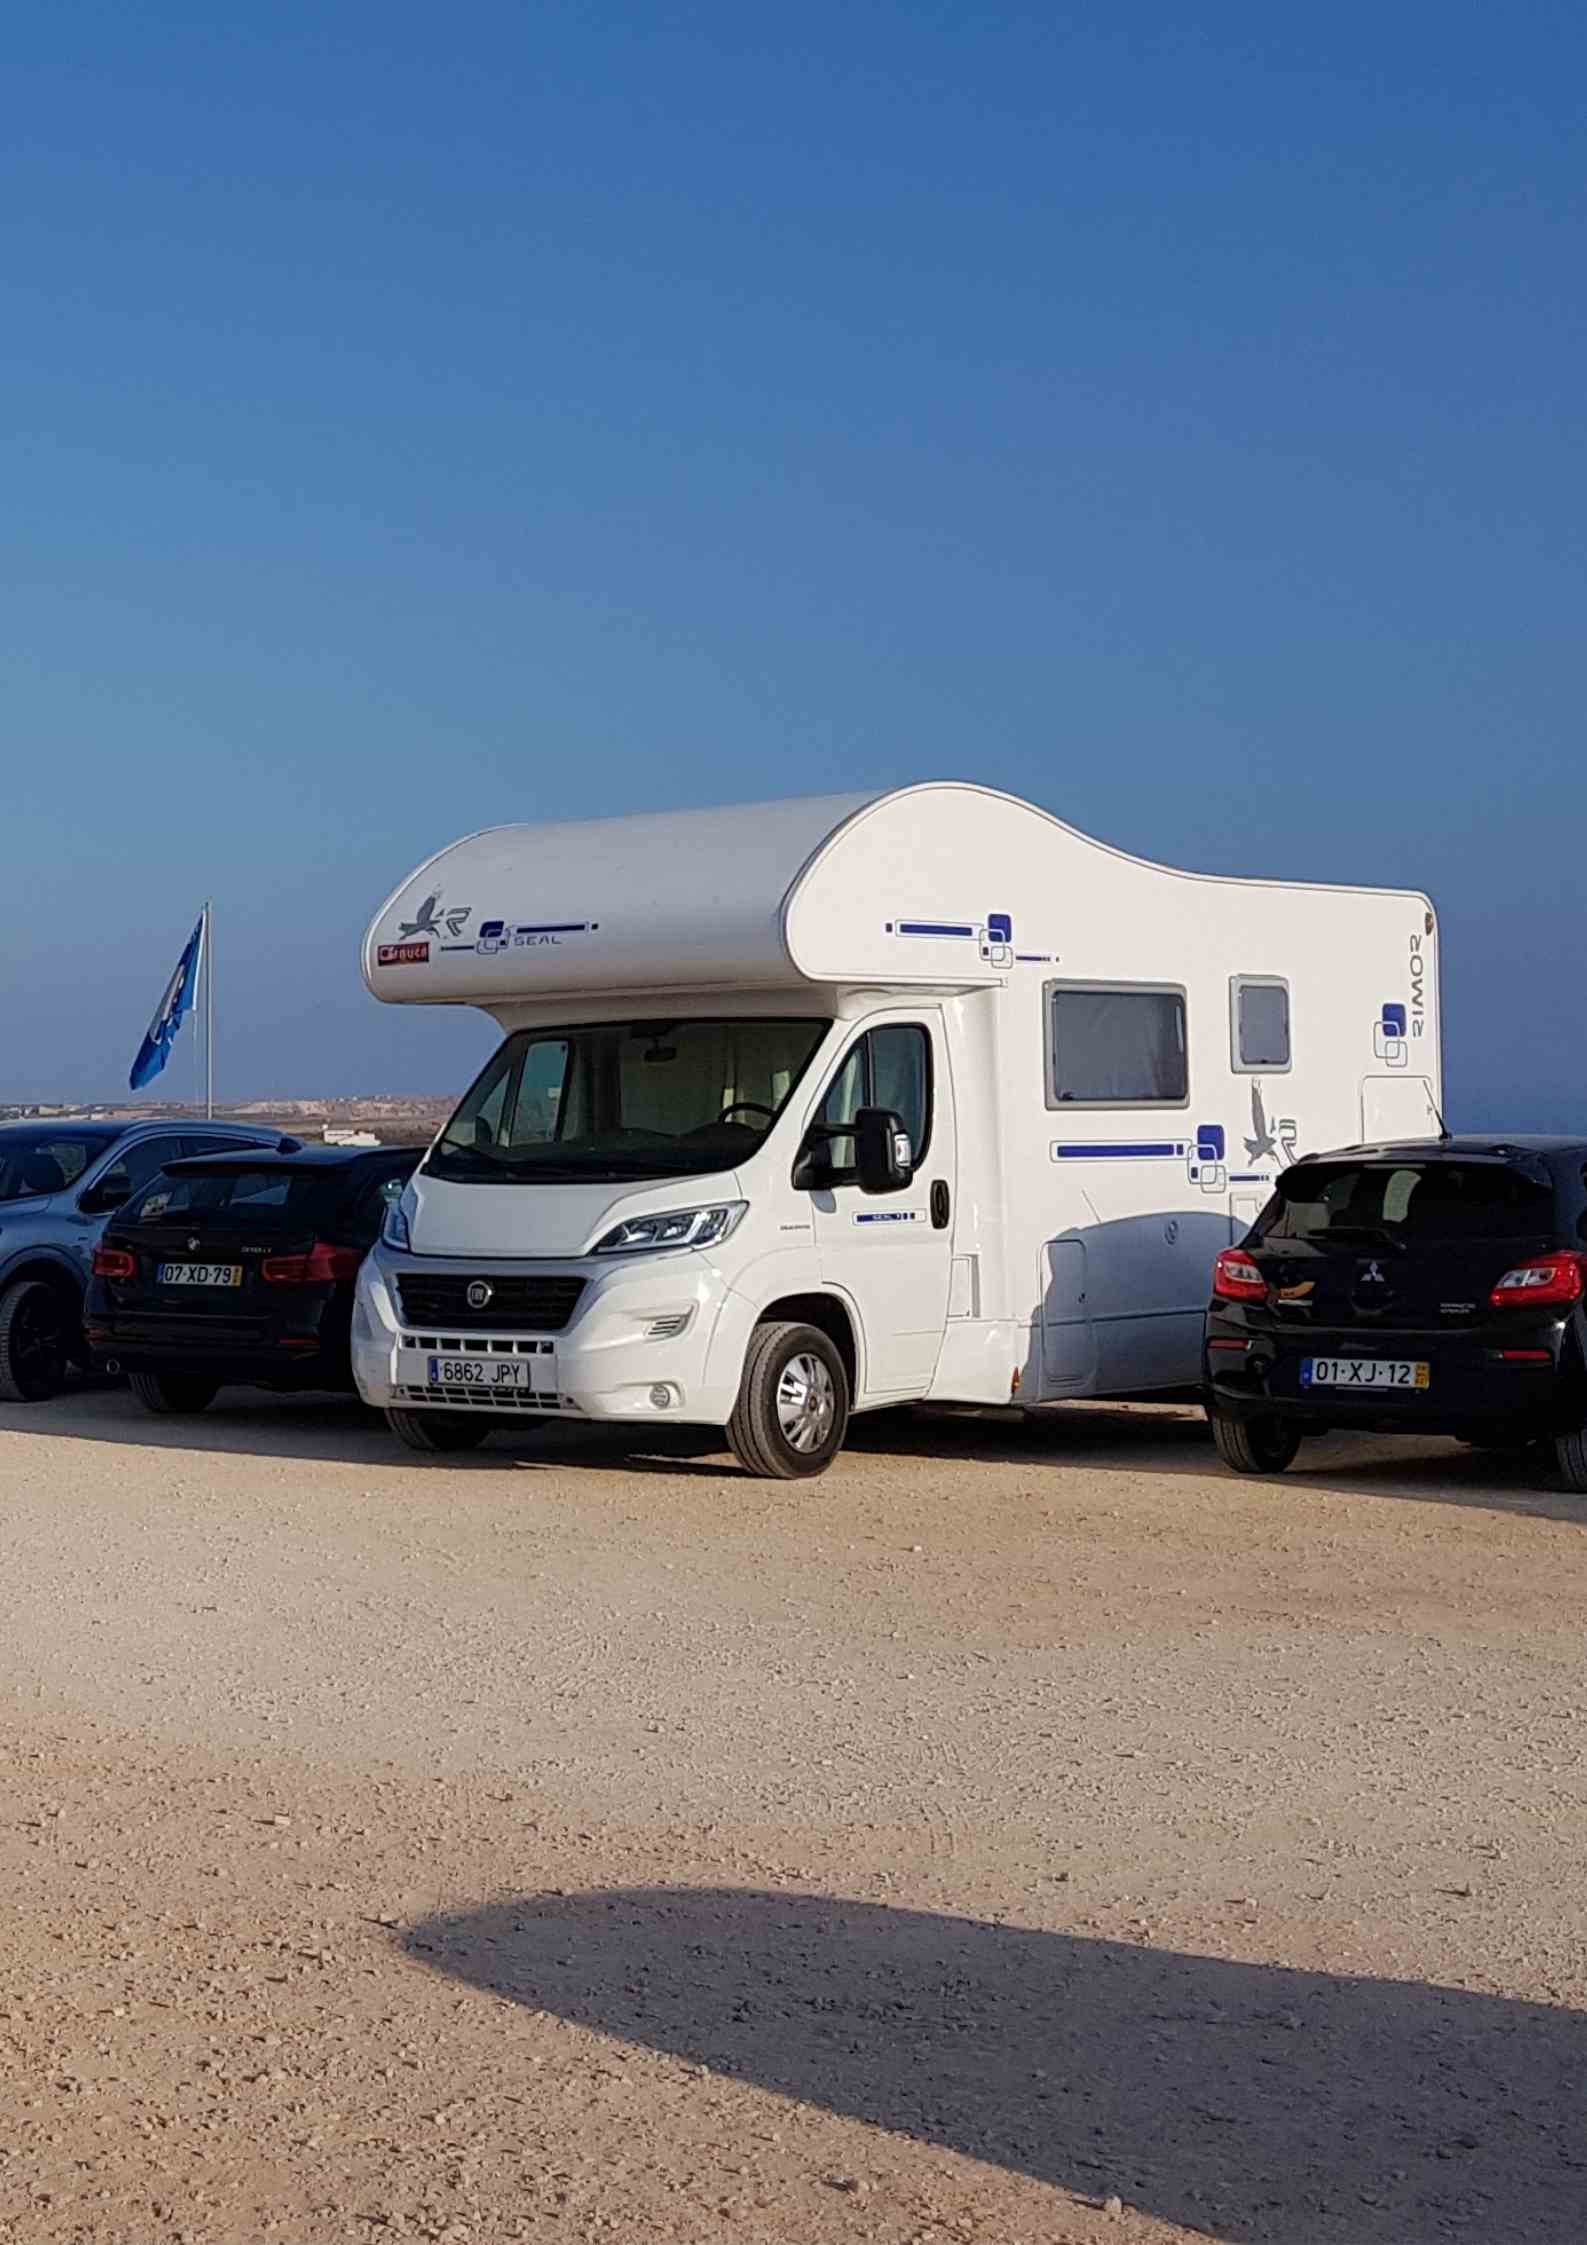 Pierwsza podróż kamperem - miejsca do parkowania